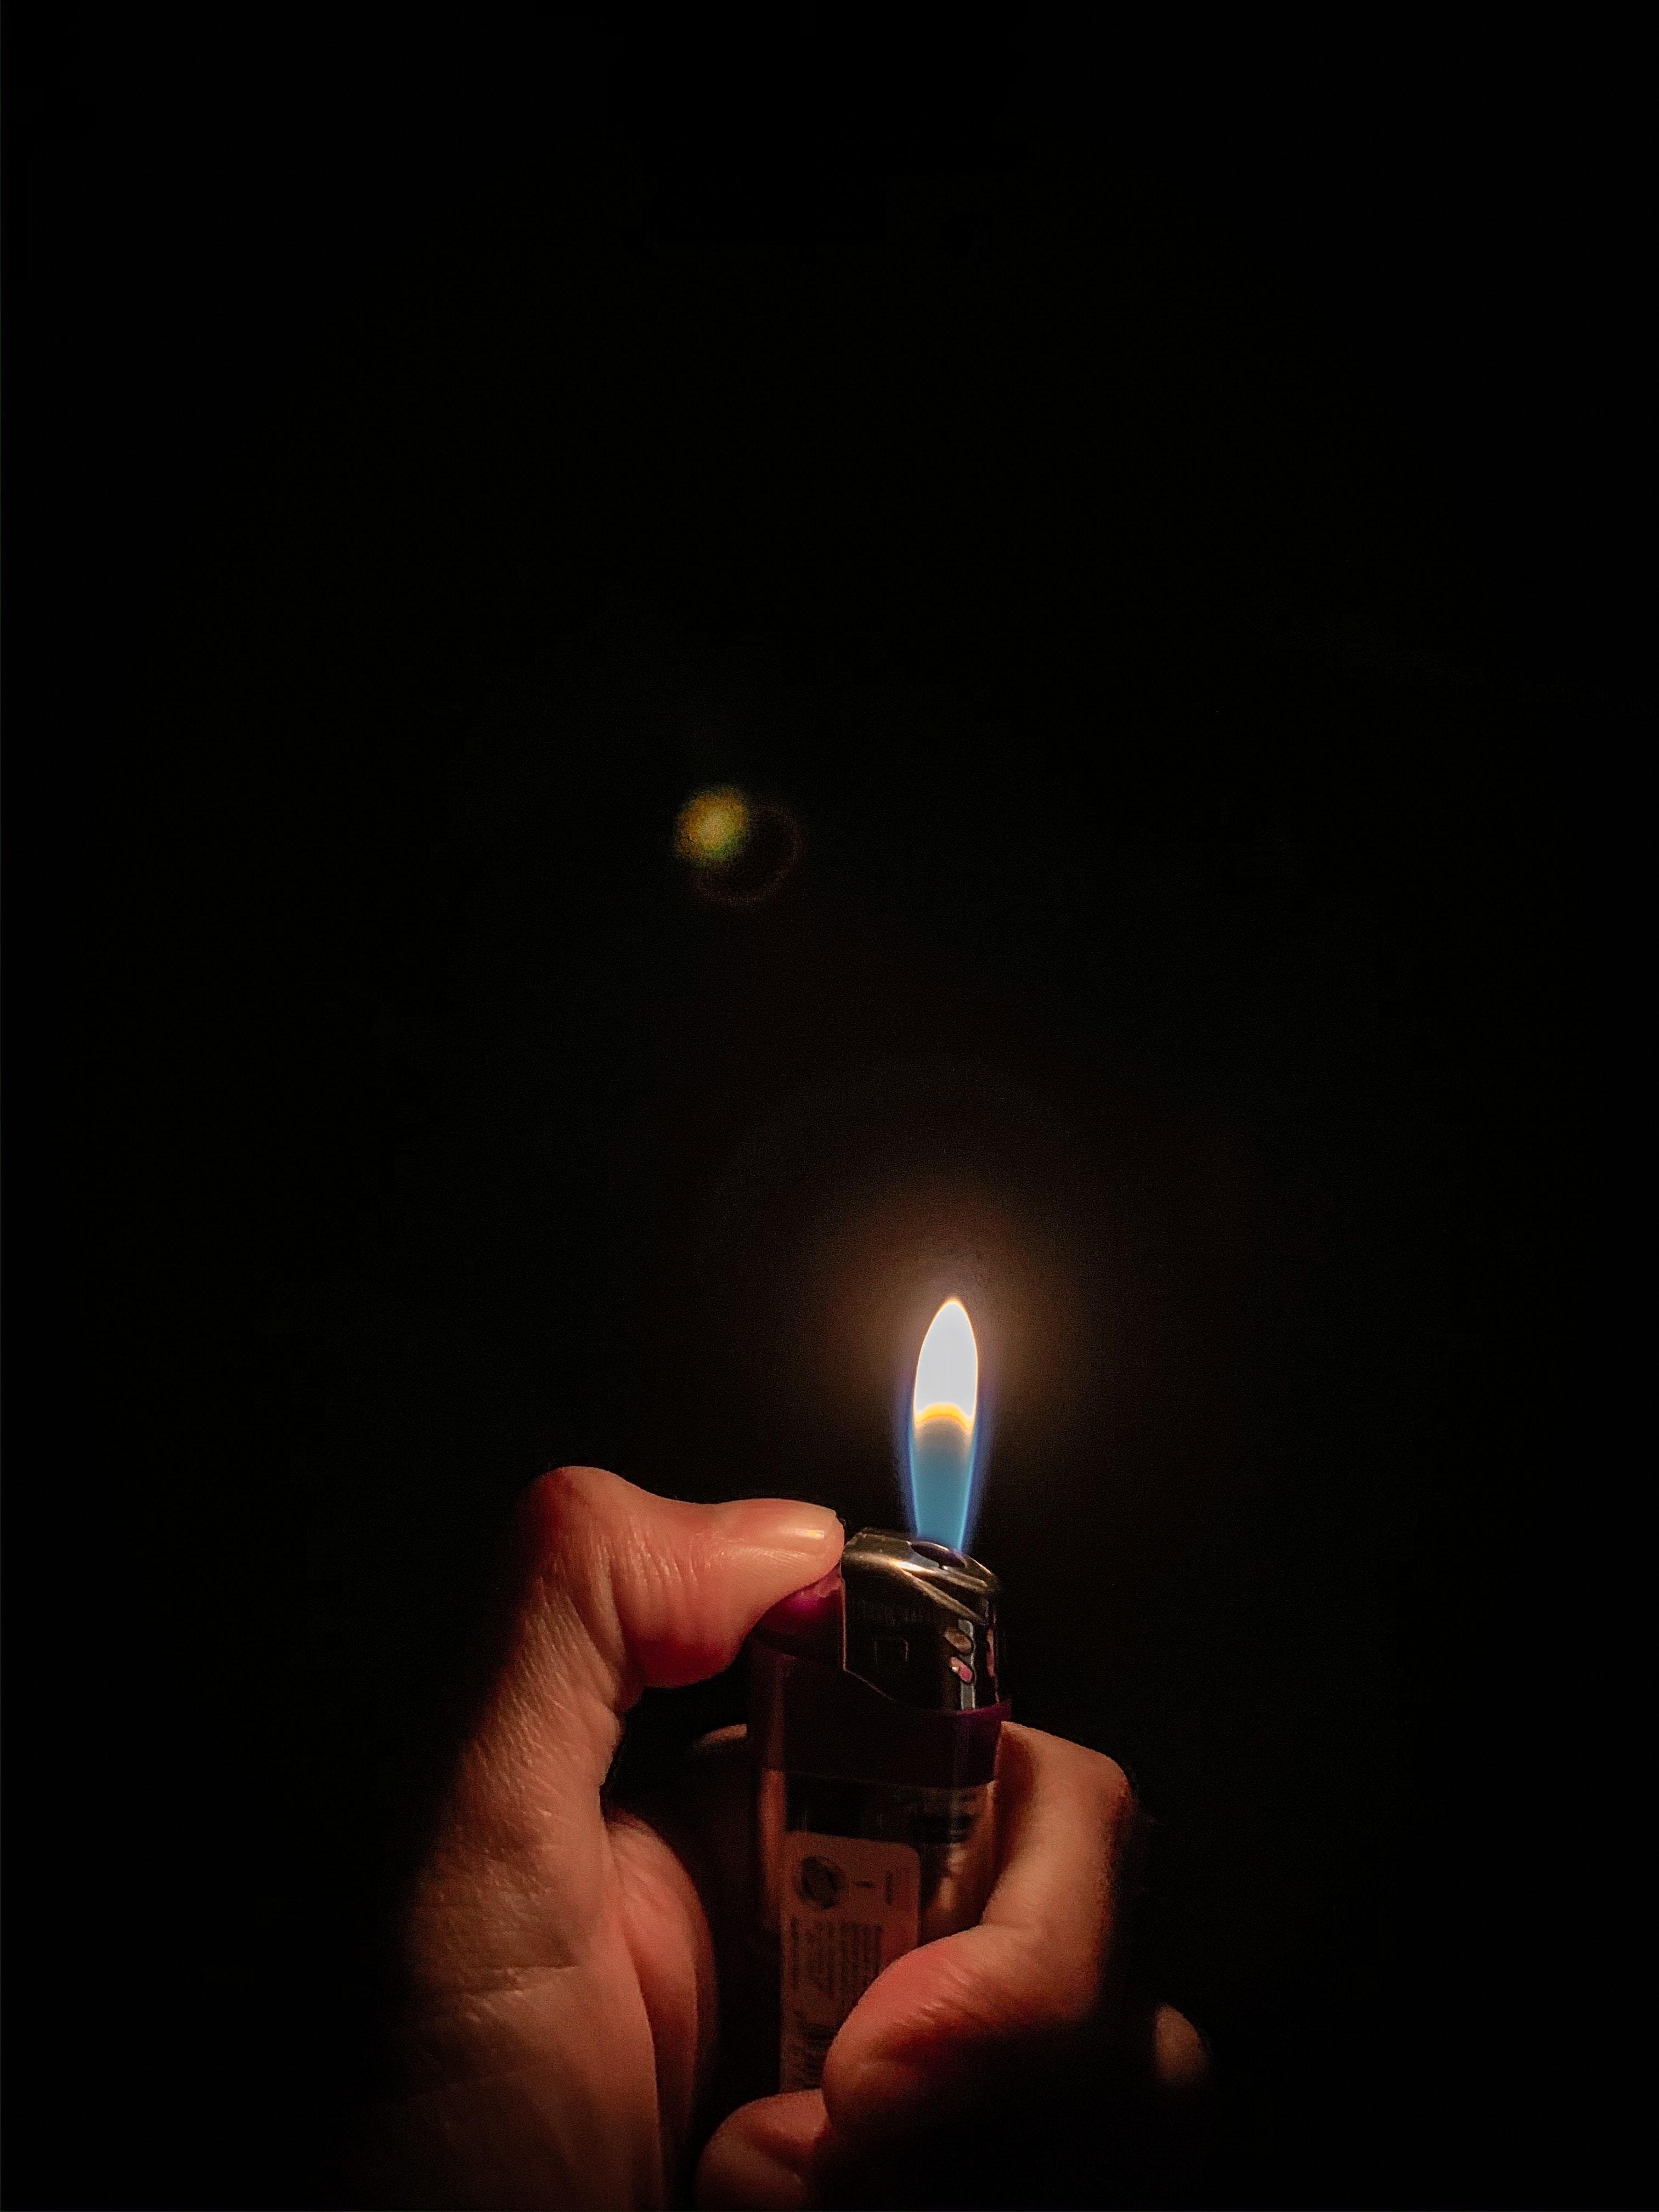 100372 免費下載壁紙 黑暗的, 黑暗, 打火机, 火, 手, 手部 屏保和圖片